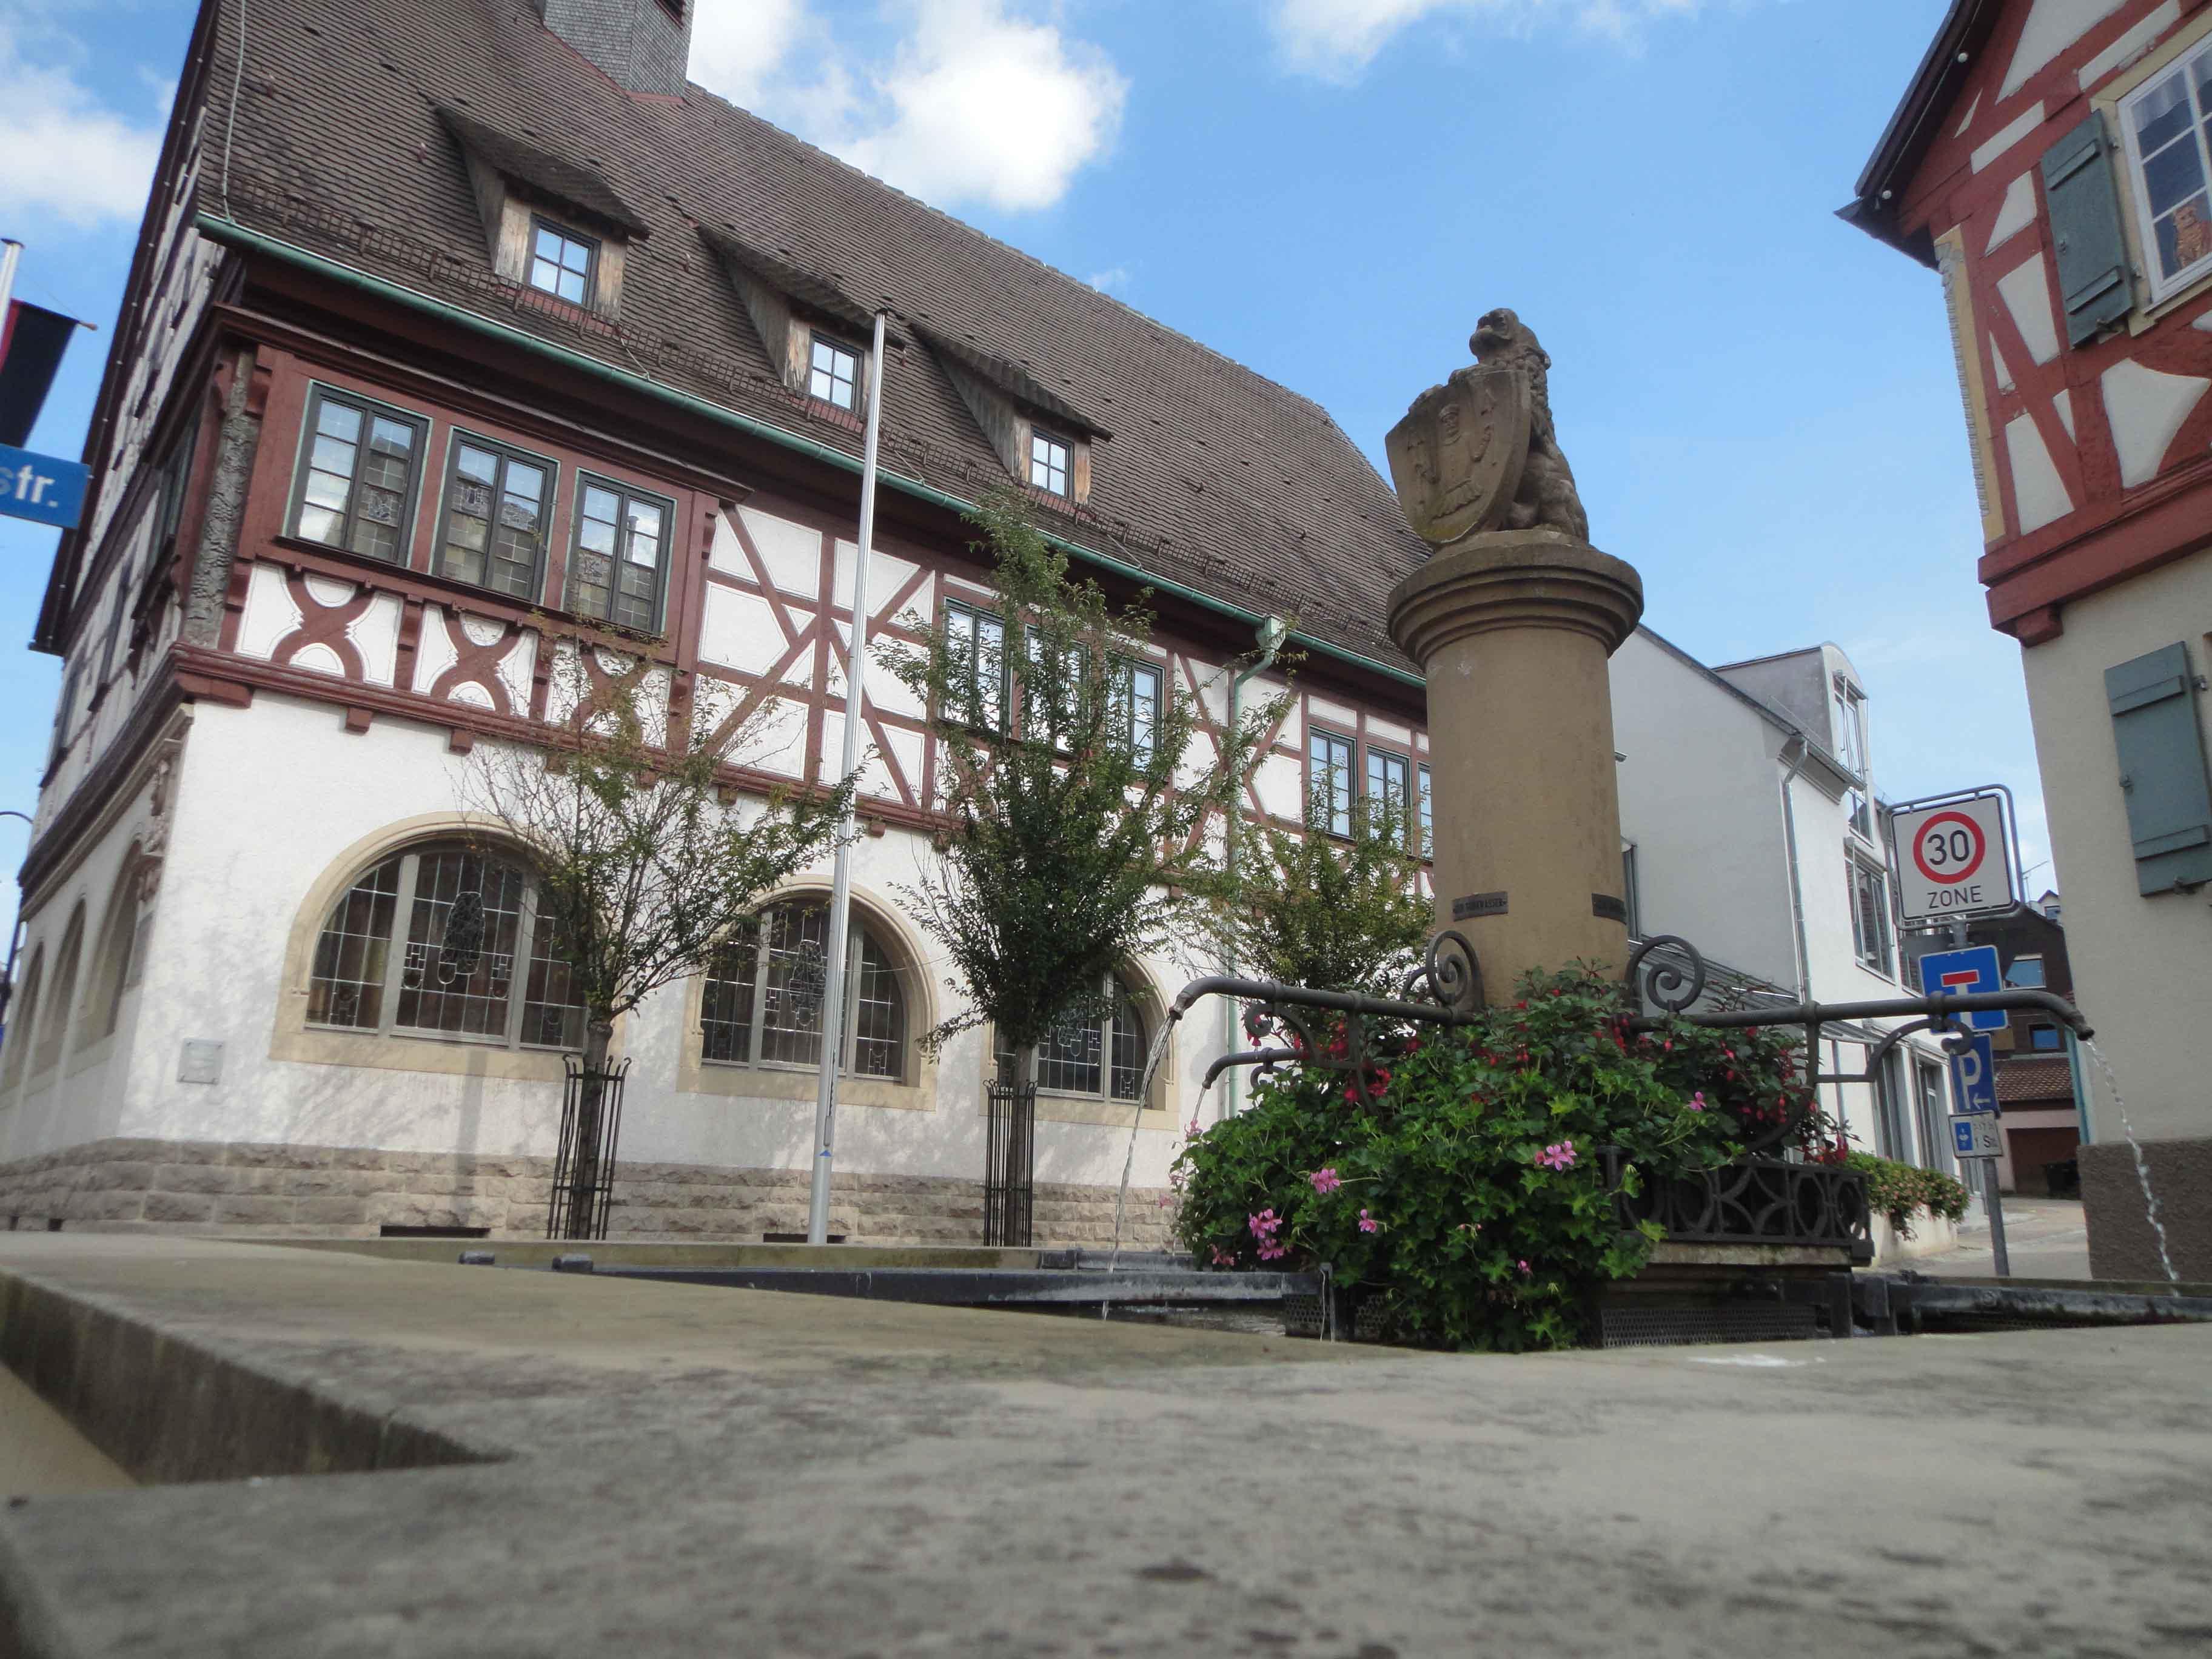 Rathaus, Ortskern